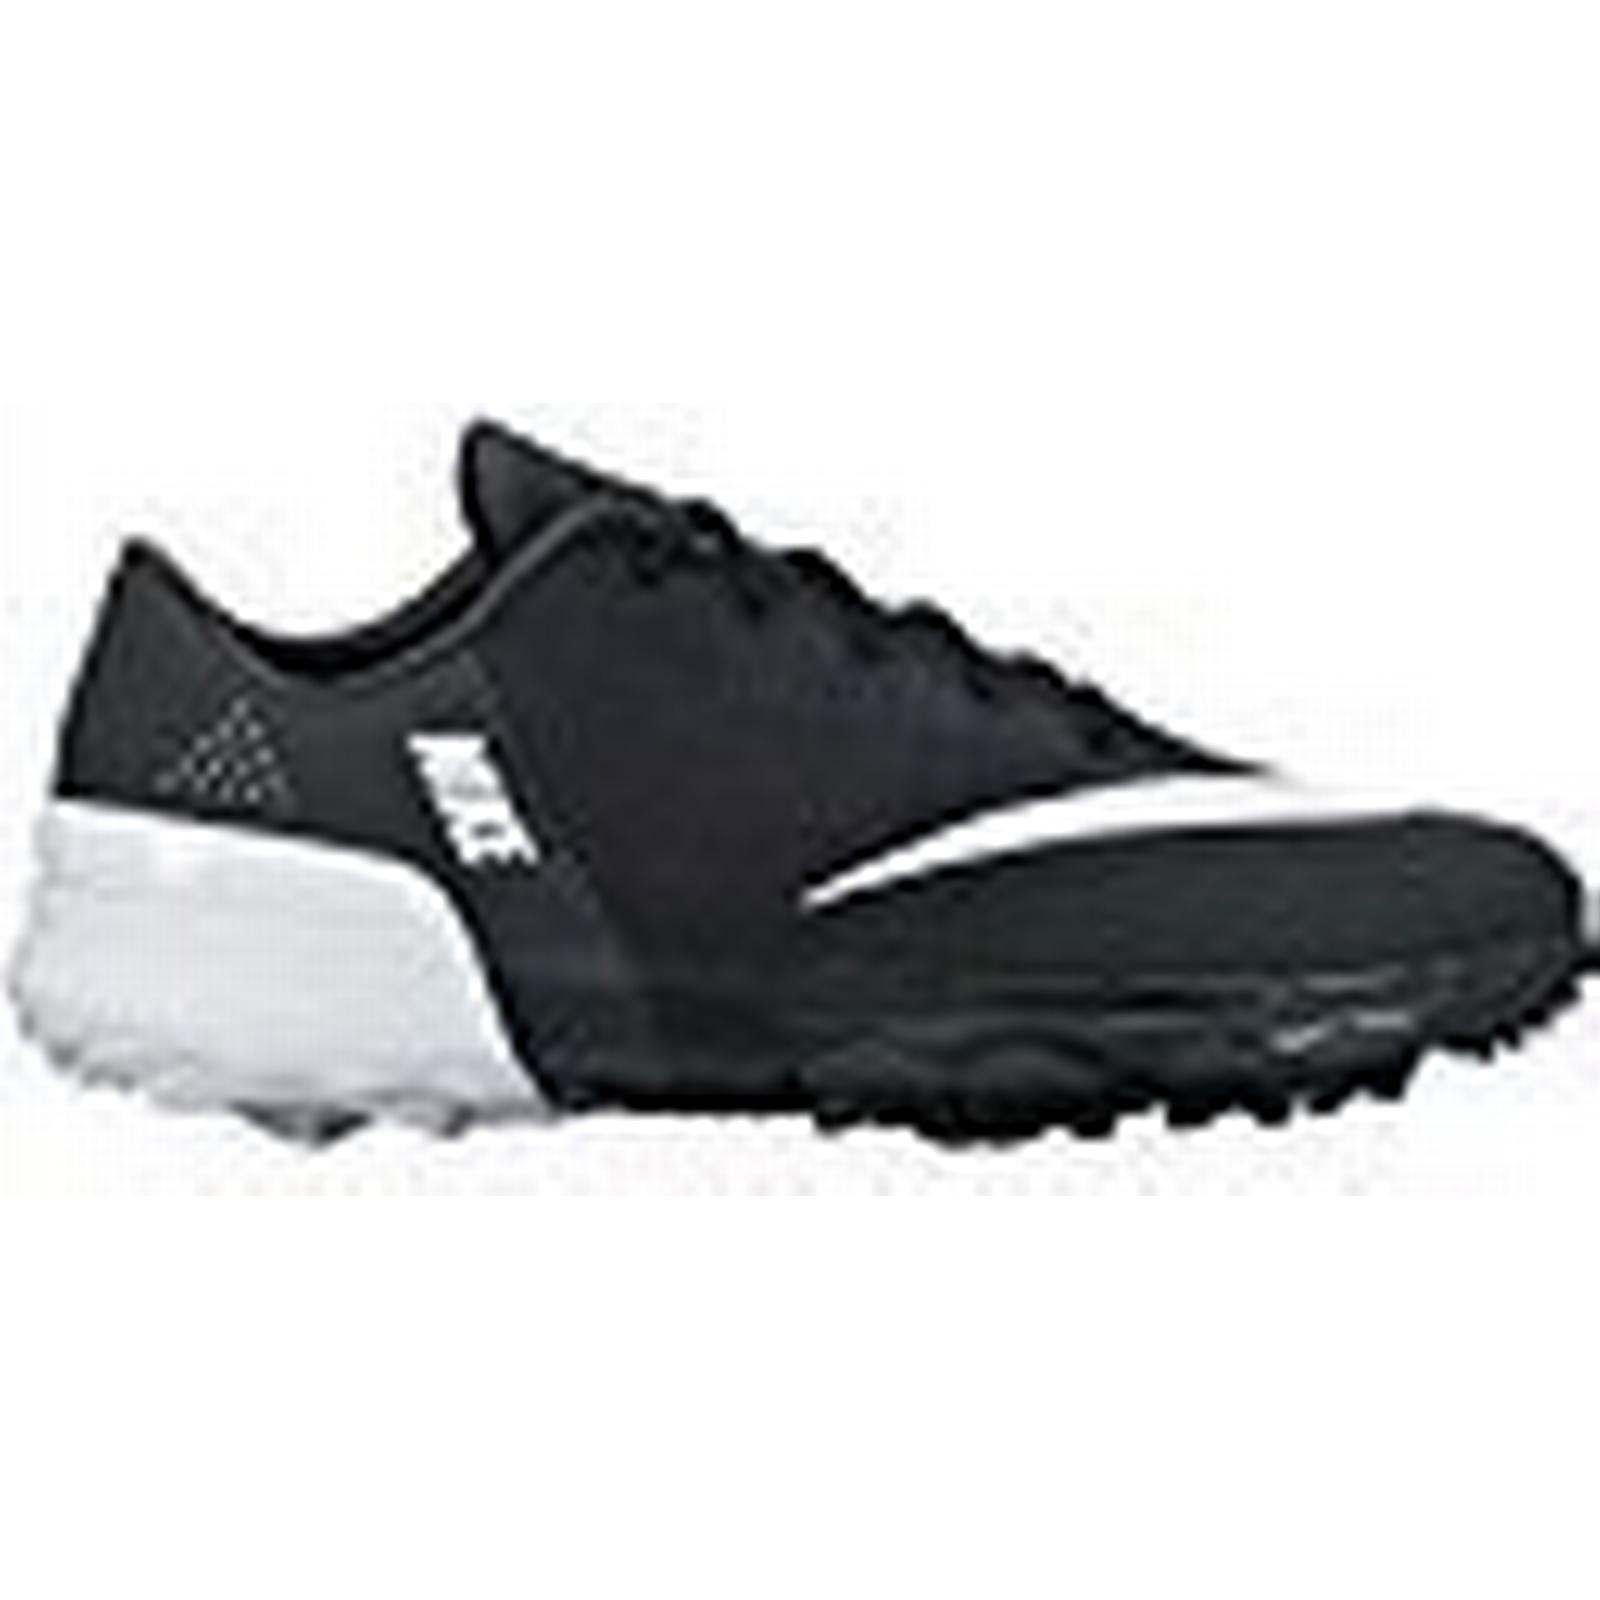 nike 849973 femmes & # chaussures €27; s des chaussures # de golf, de toutes les couleurs (002), 6 royaume - uni (40 ue) ebc265